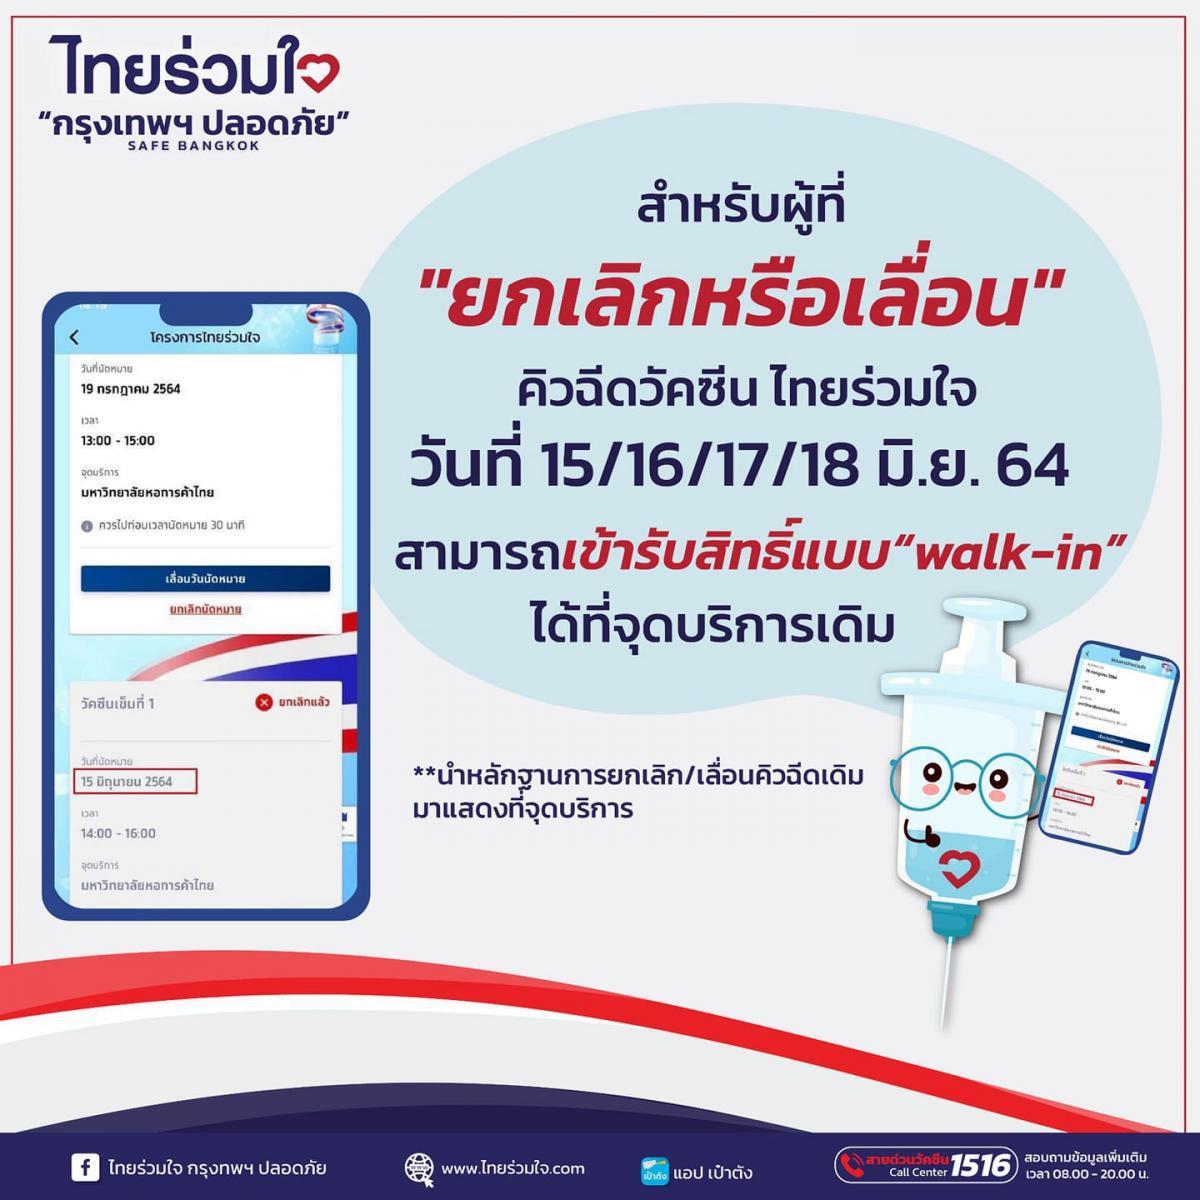 """""""คิวฉีดวัคซีนโควิด-19 ใหม่"""" ผ่านไทยร่วมใจคนที่ถูกเลื่อนตั้งแต่ 15-18 มิ.ย.64"""